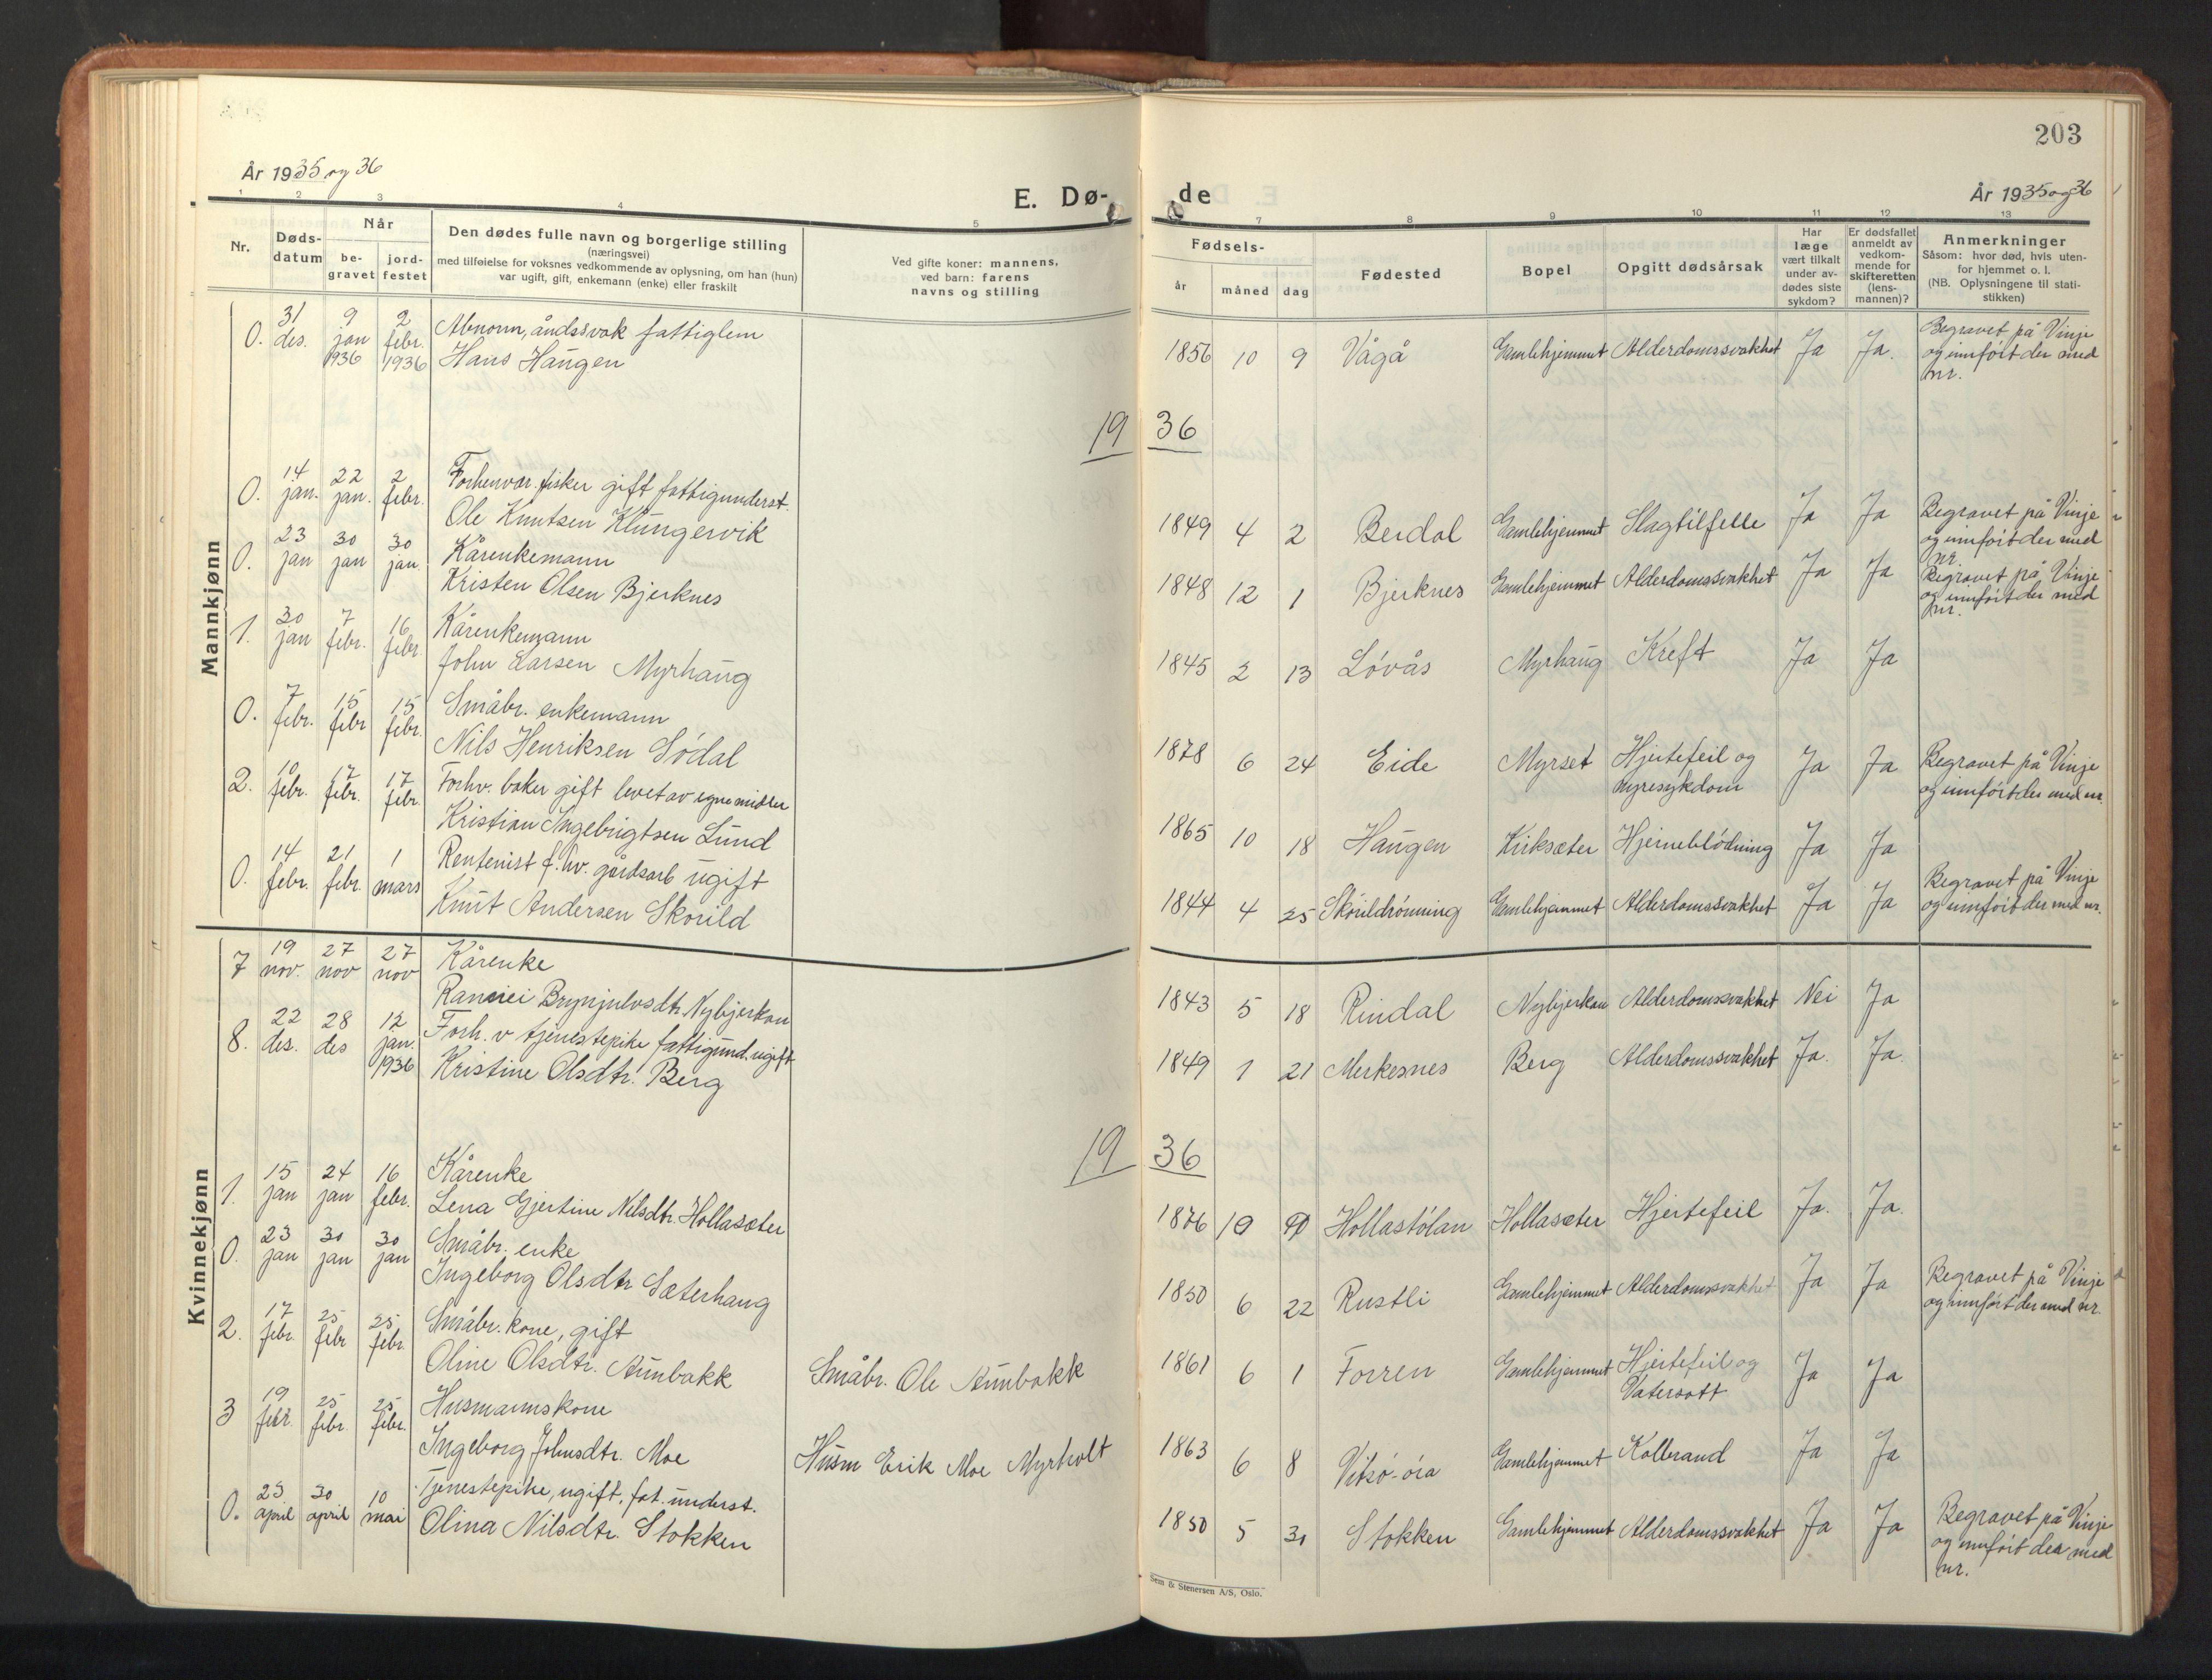 SAT, Ministerialprotokoller, klokkerbøker og fødselsregistre - Sør-Trøndelag, 630/L0508: Klokkerbok nr. 630C06, 1933-1950, s. 203